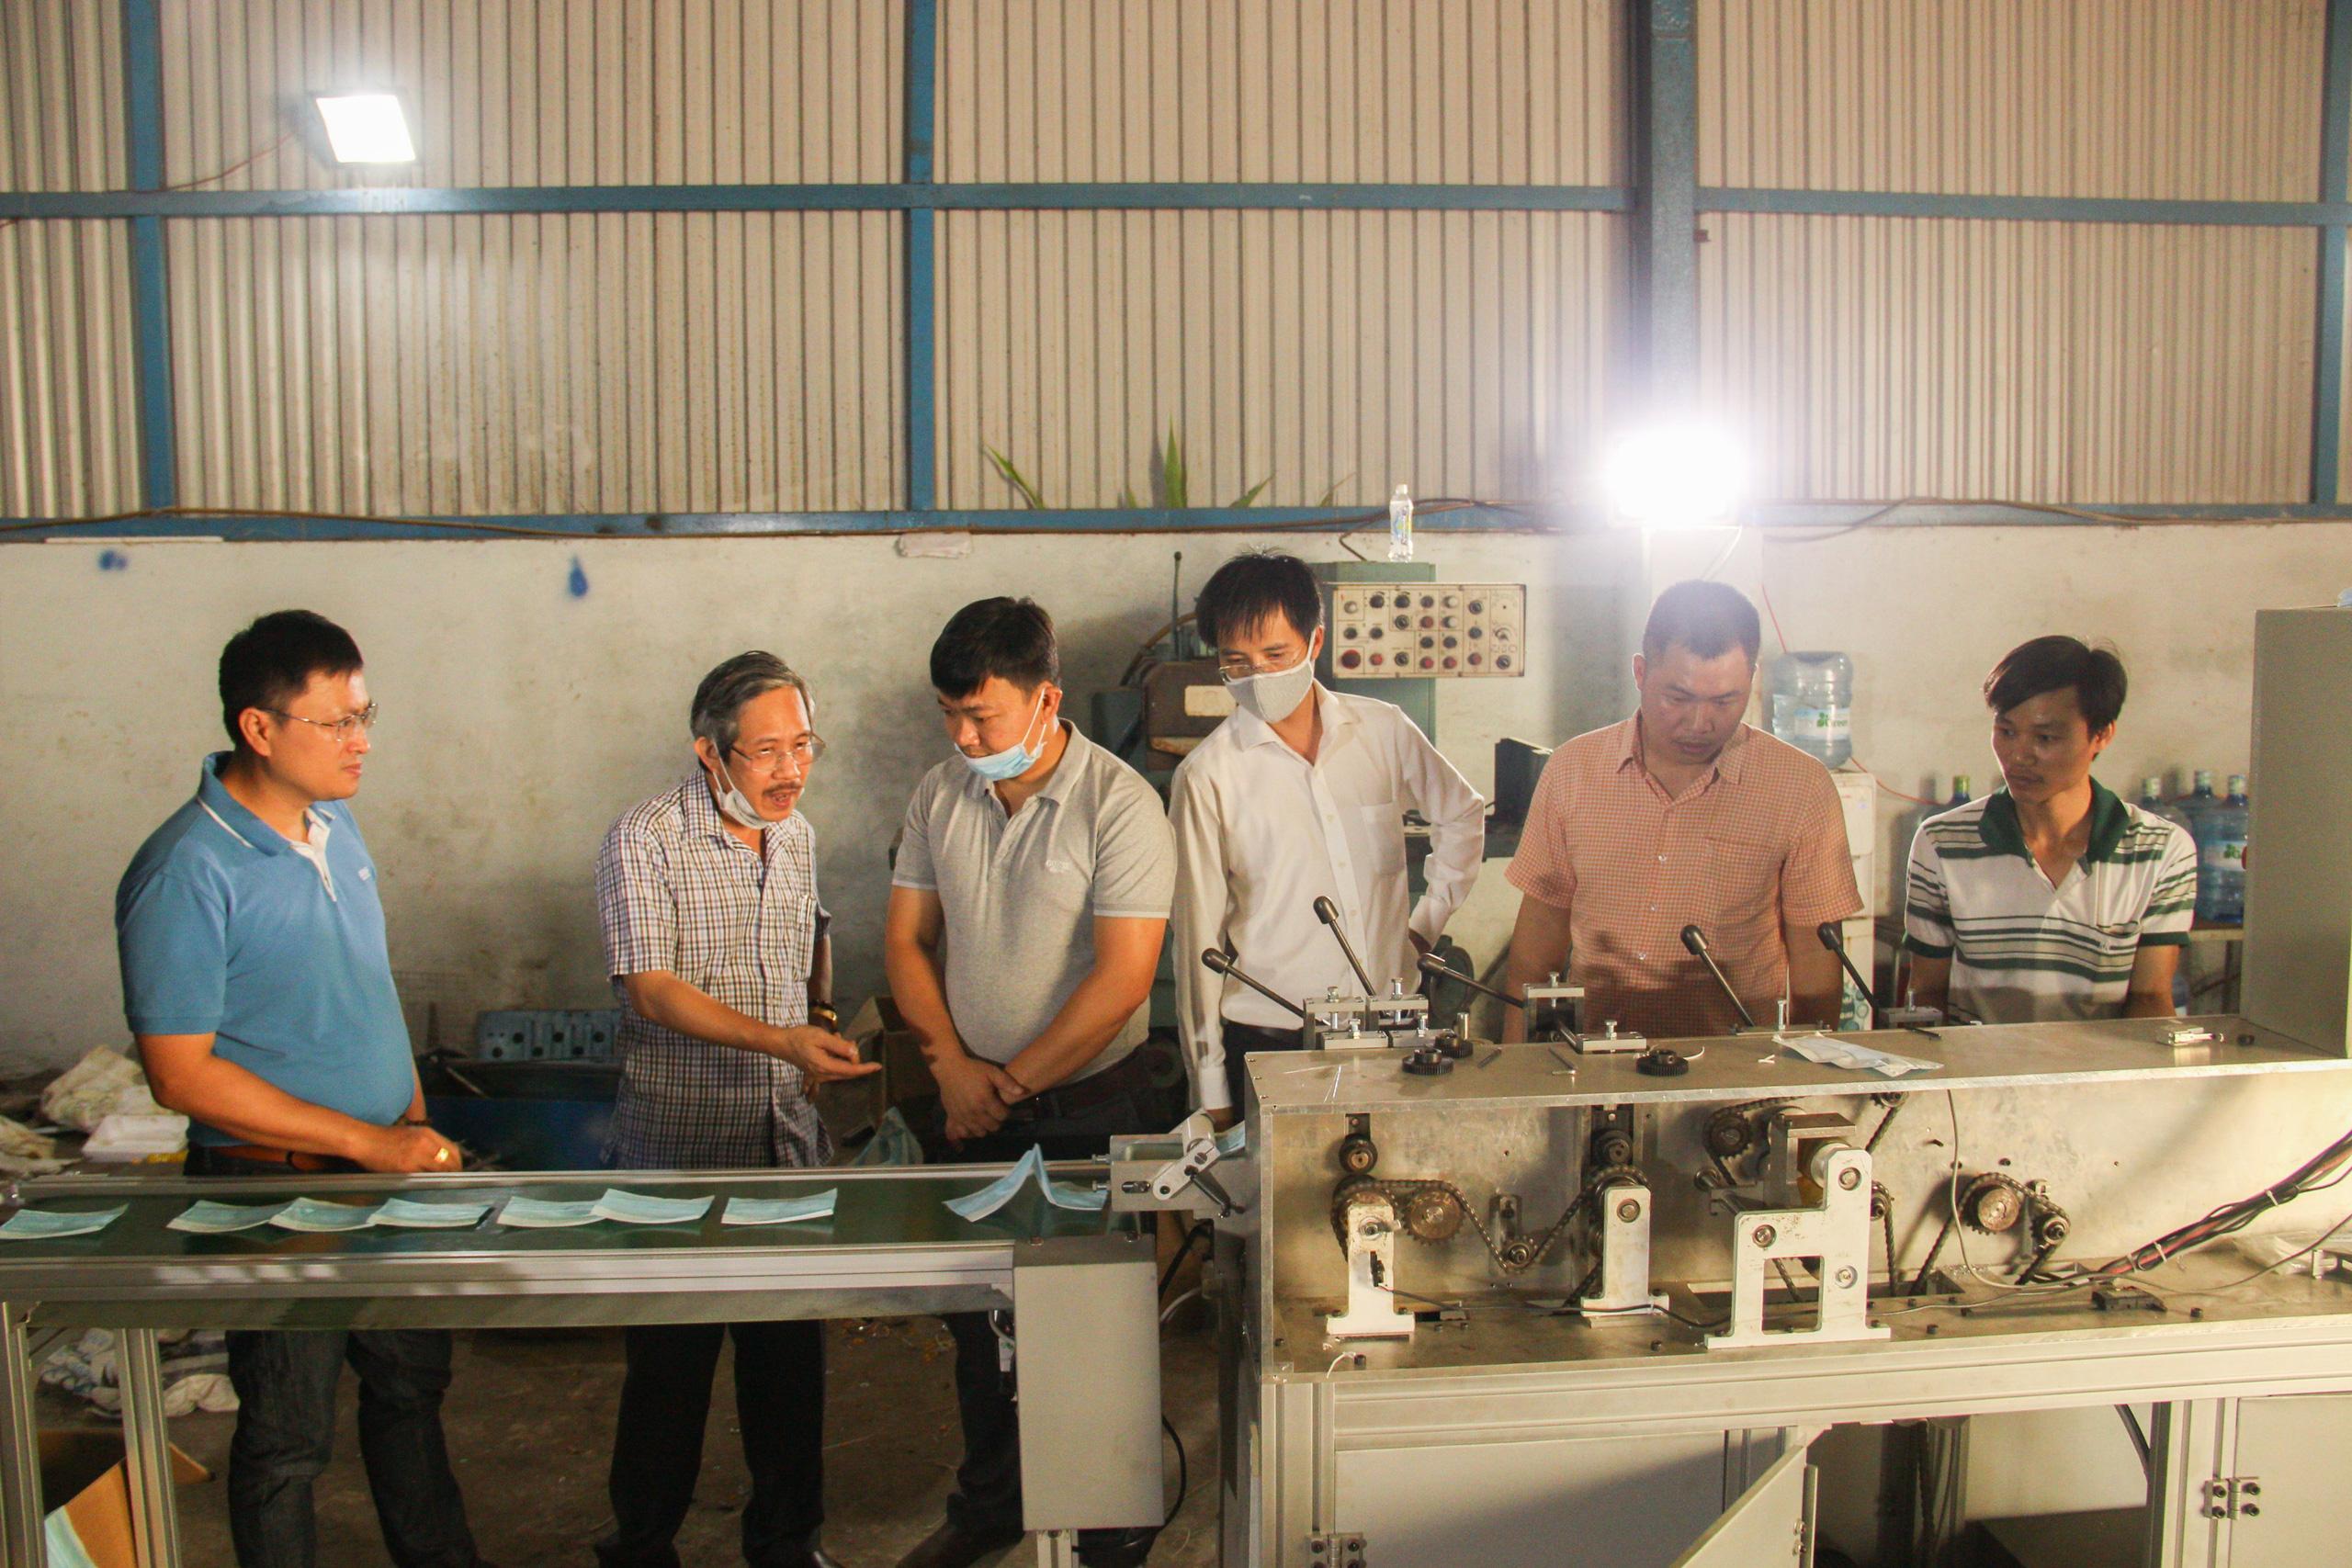 Doanh nghiệp Khoa học và Công nghệ Đà Nẵng không ngừng phát triển - Ảnh 3.